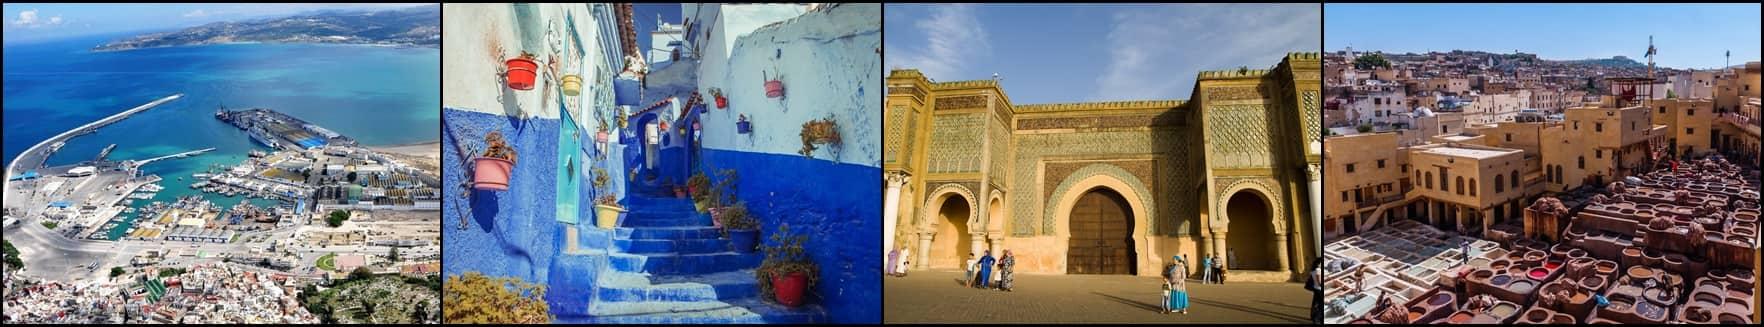 Morocco d3